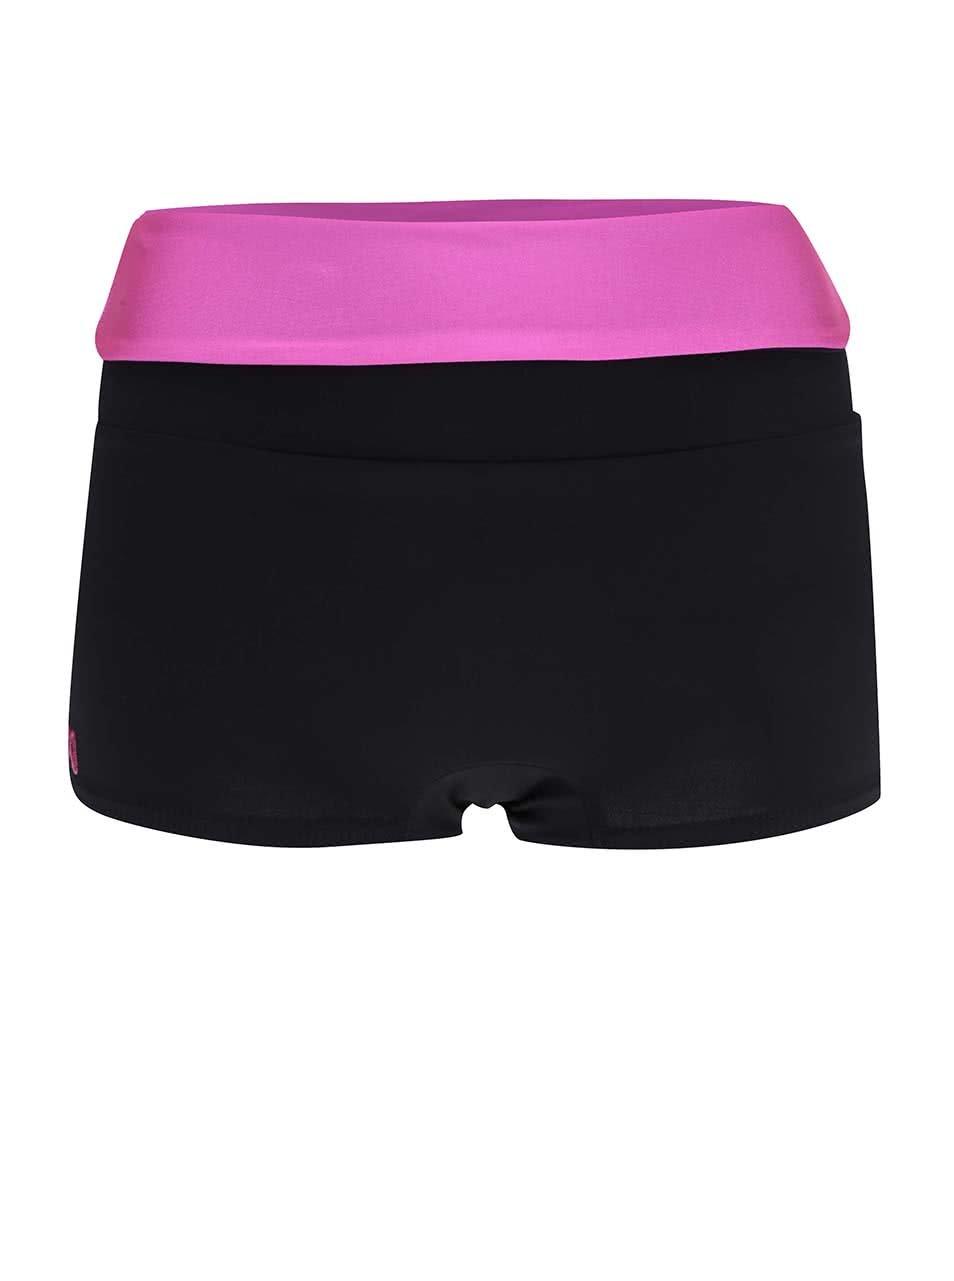 Ružovo-čierne športové kraťasy Mania fitness wear Invert